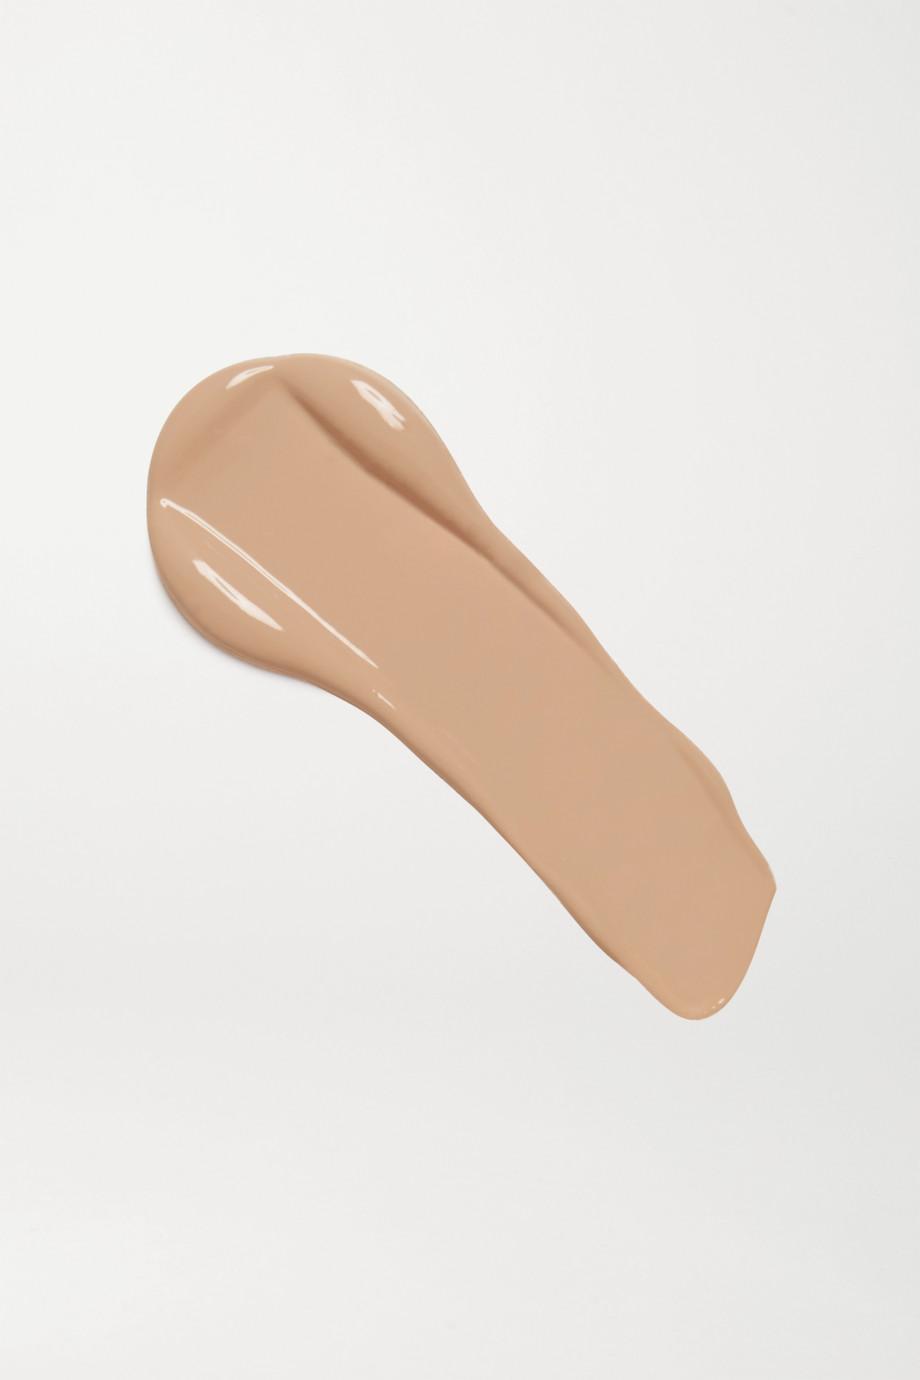 Bobbi Brown Intensive Skin Serum Foundation SPF40 - Beige